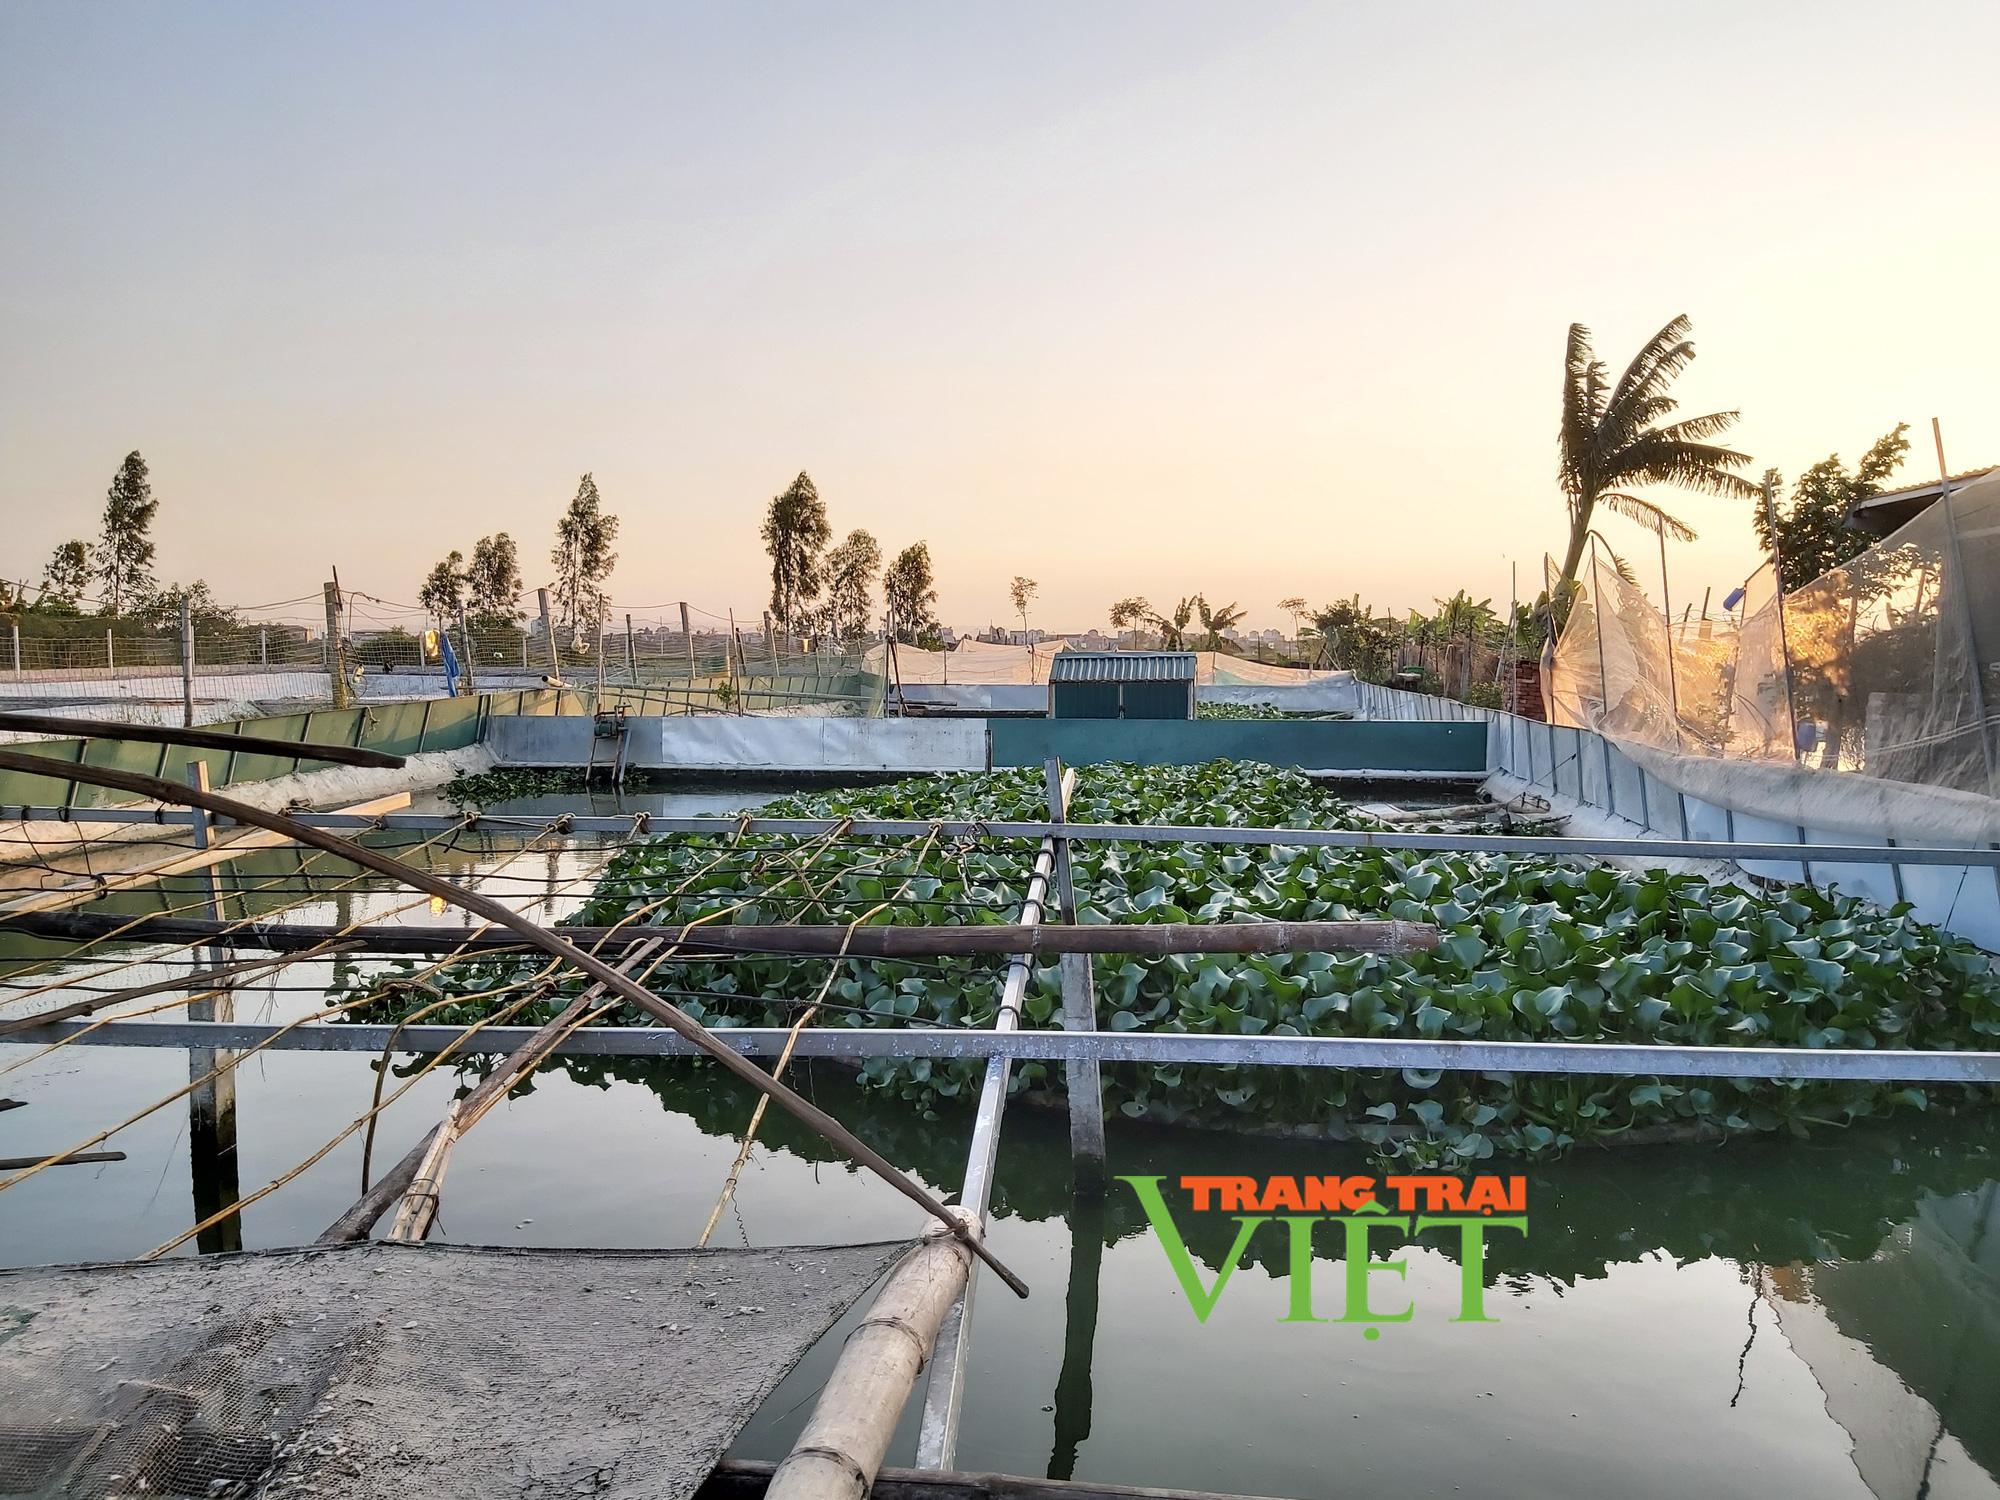 Hà Nội: Lão nông U50 thả nuôi ba ba gai cùng cá chuối hoa,  - Ảnh 7.